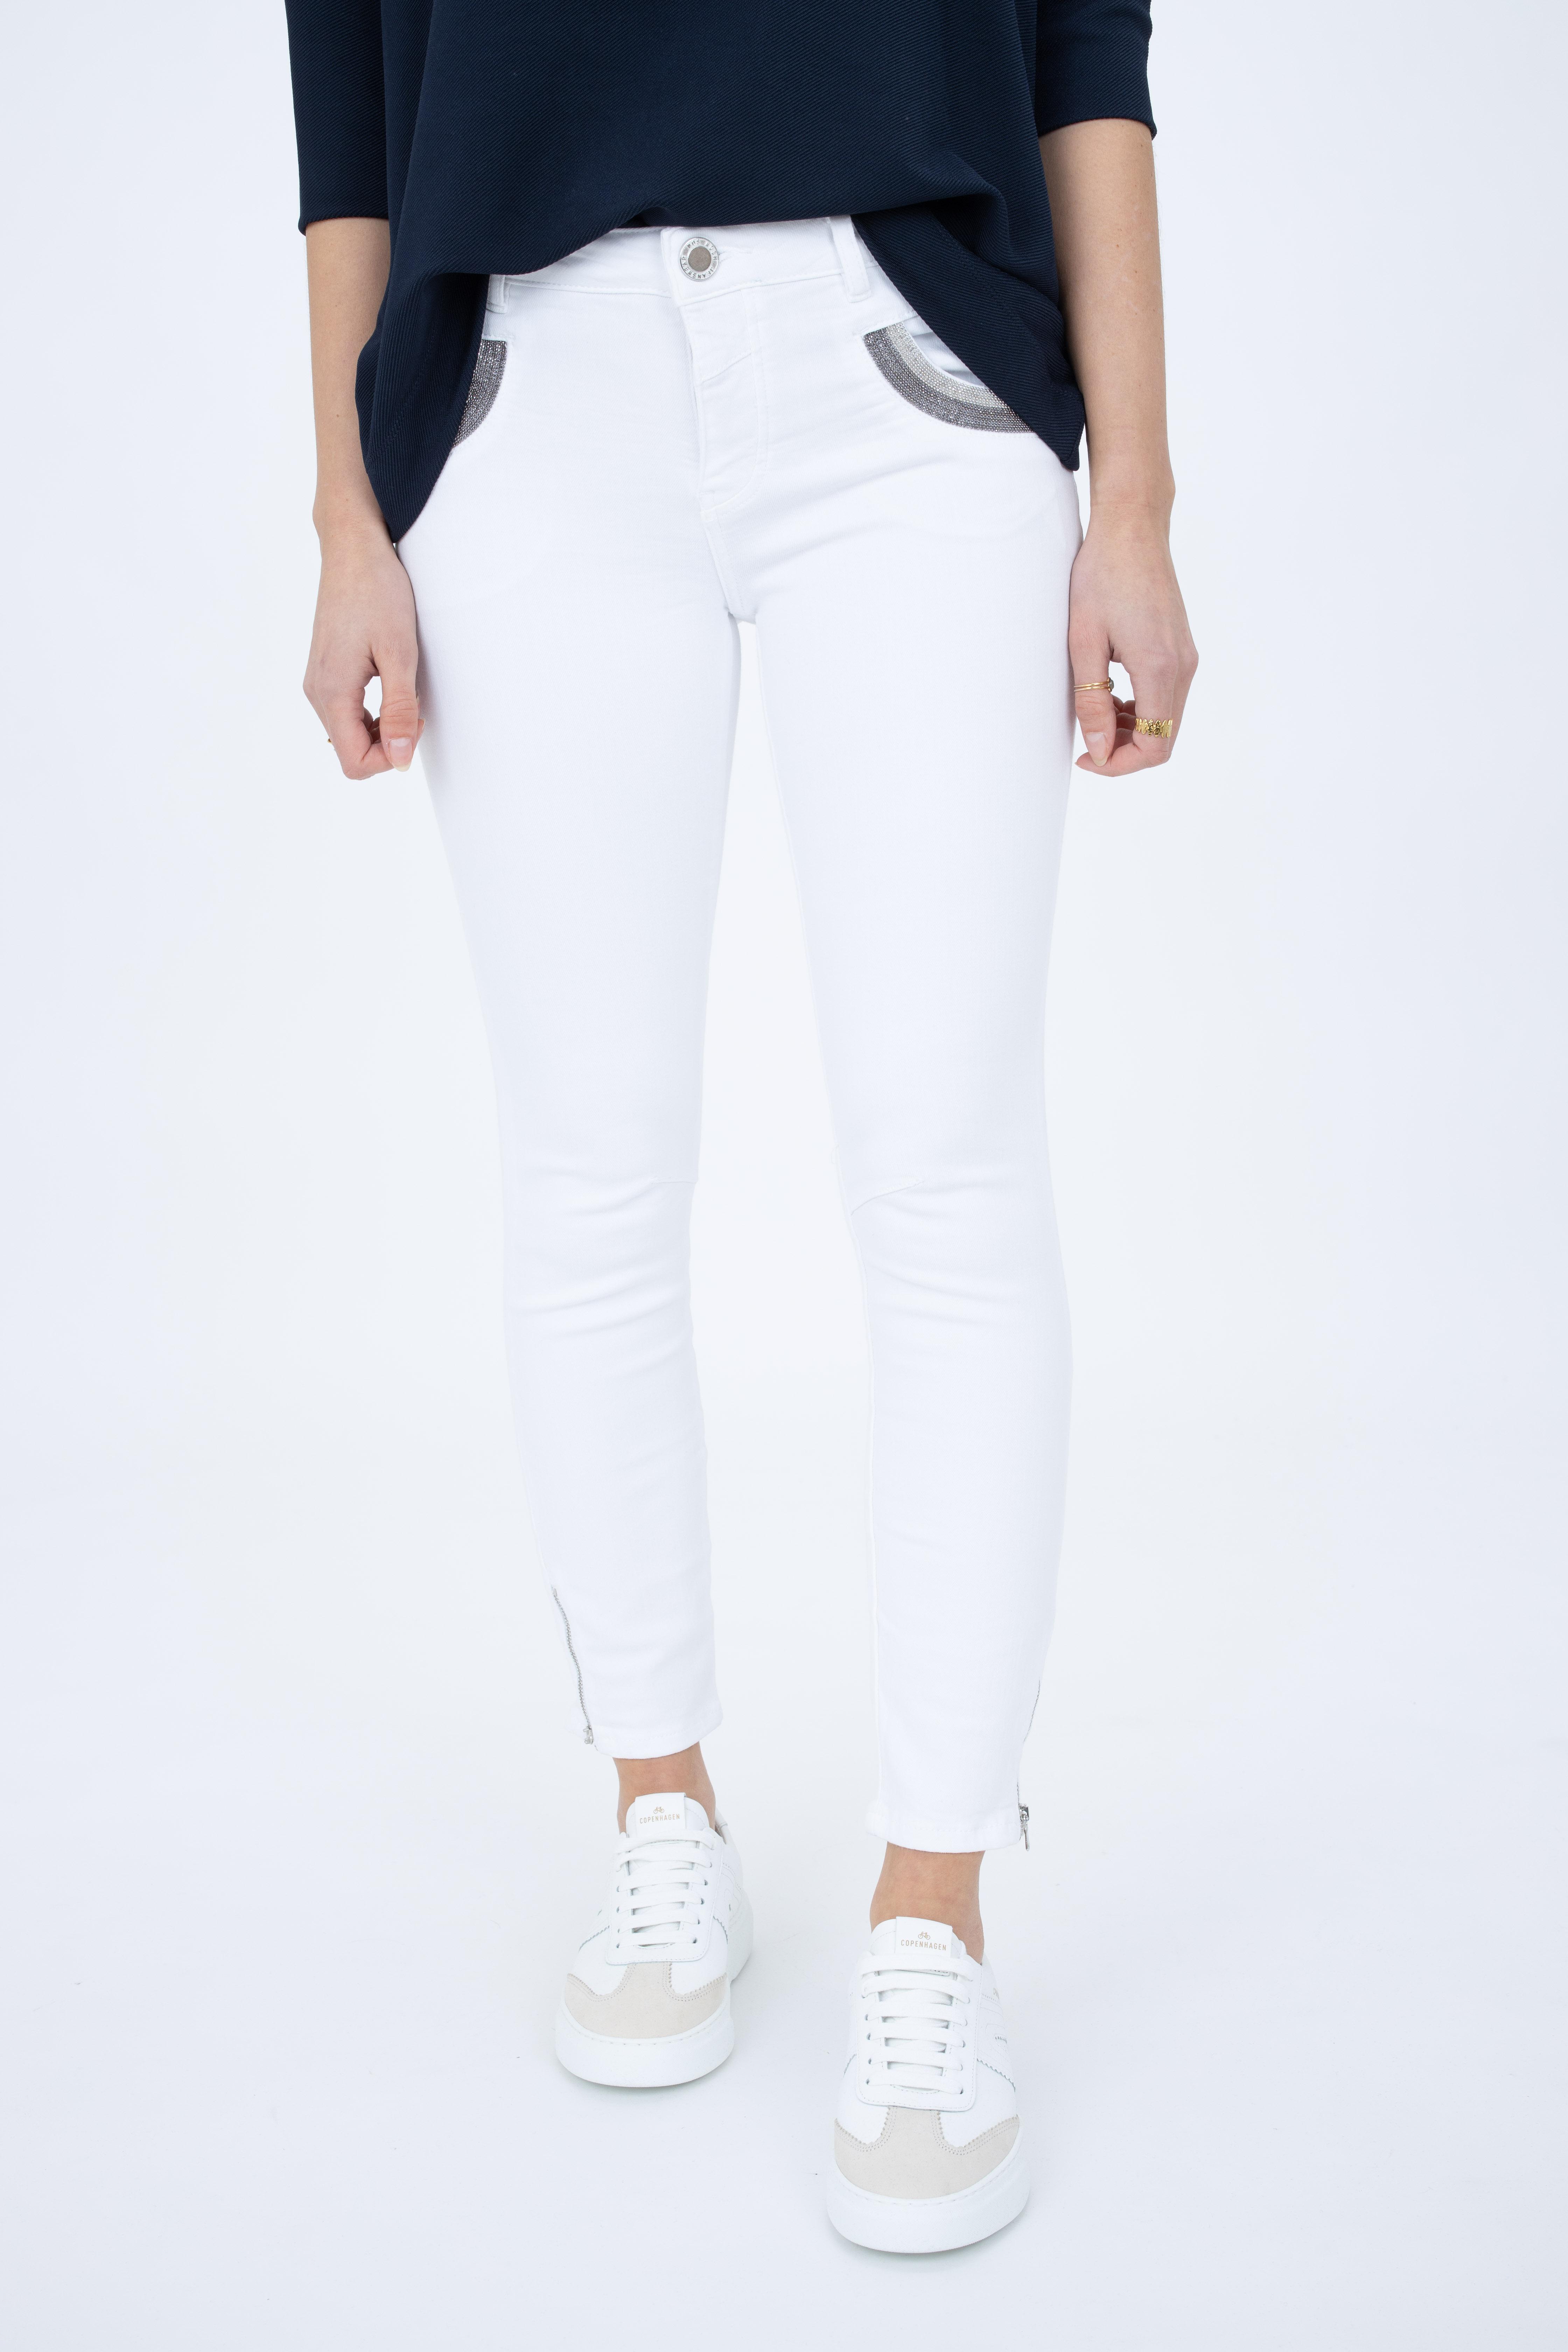 Jeans Naomi Shade